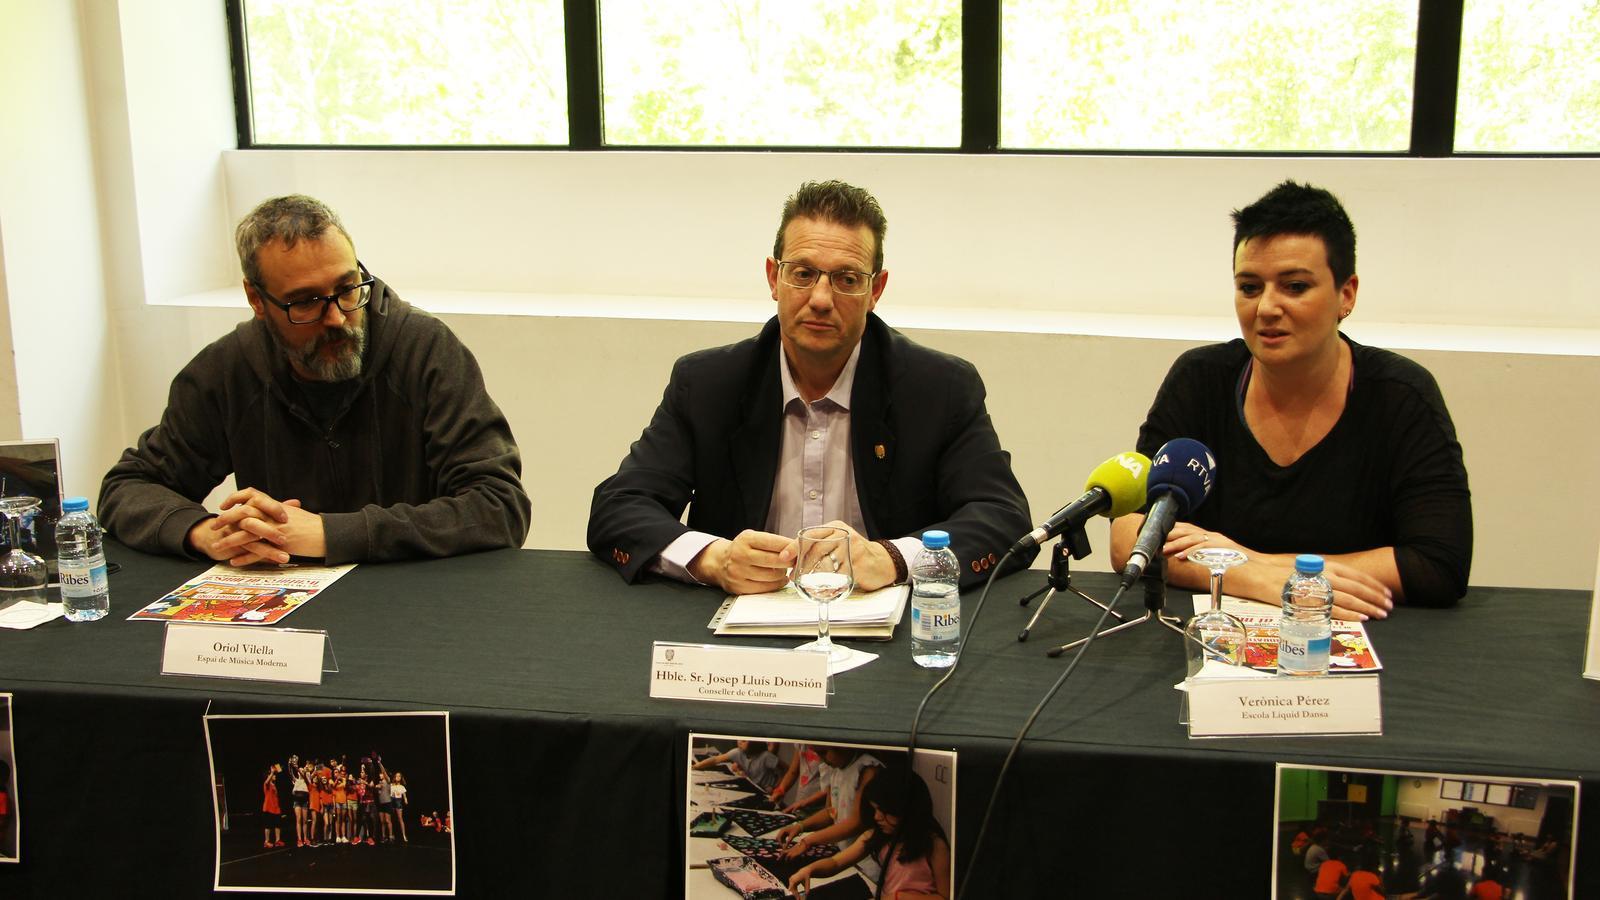 Oriol Vilella, de l'Espai Música Moderna; Josep Lluis Donsión, conseller de Cultura de Sant Julià de Lòria, i Verònica Pérez, representant de l'Escola Líquid Dansa, en la presentació del Laboratori de les arts. / M. R. F. (ANA)